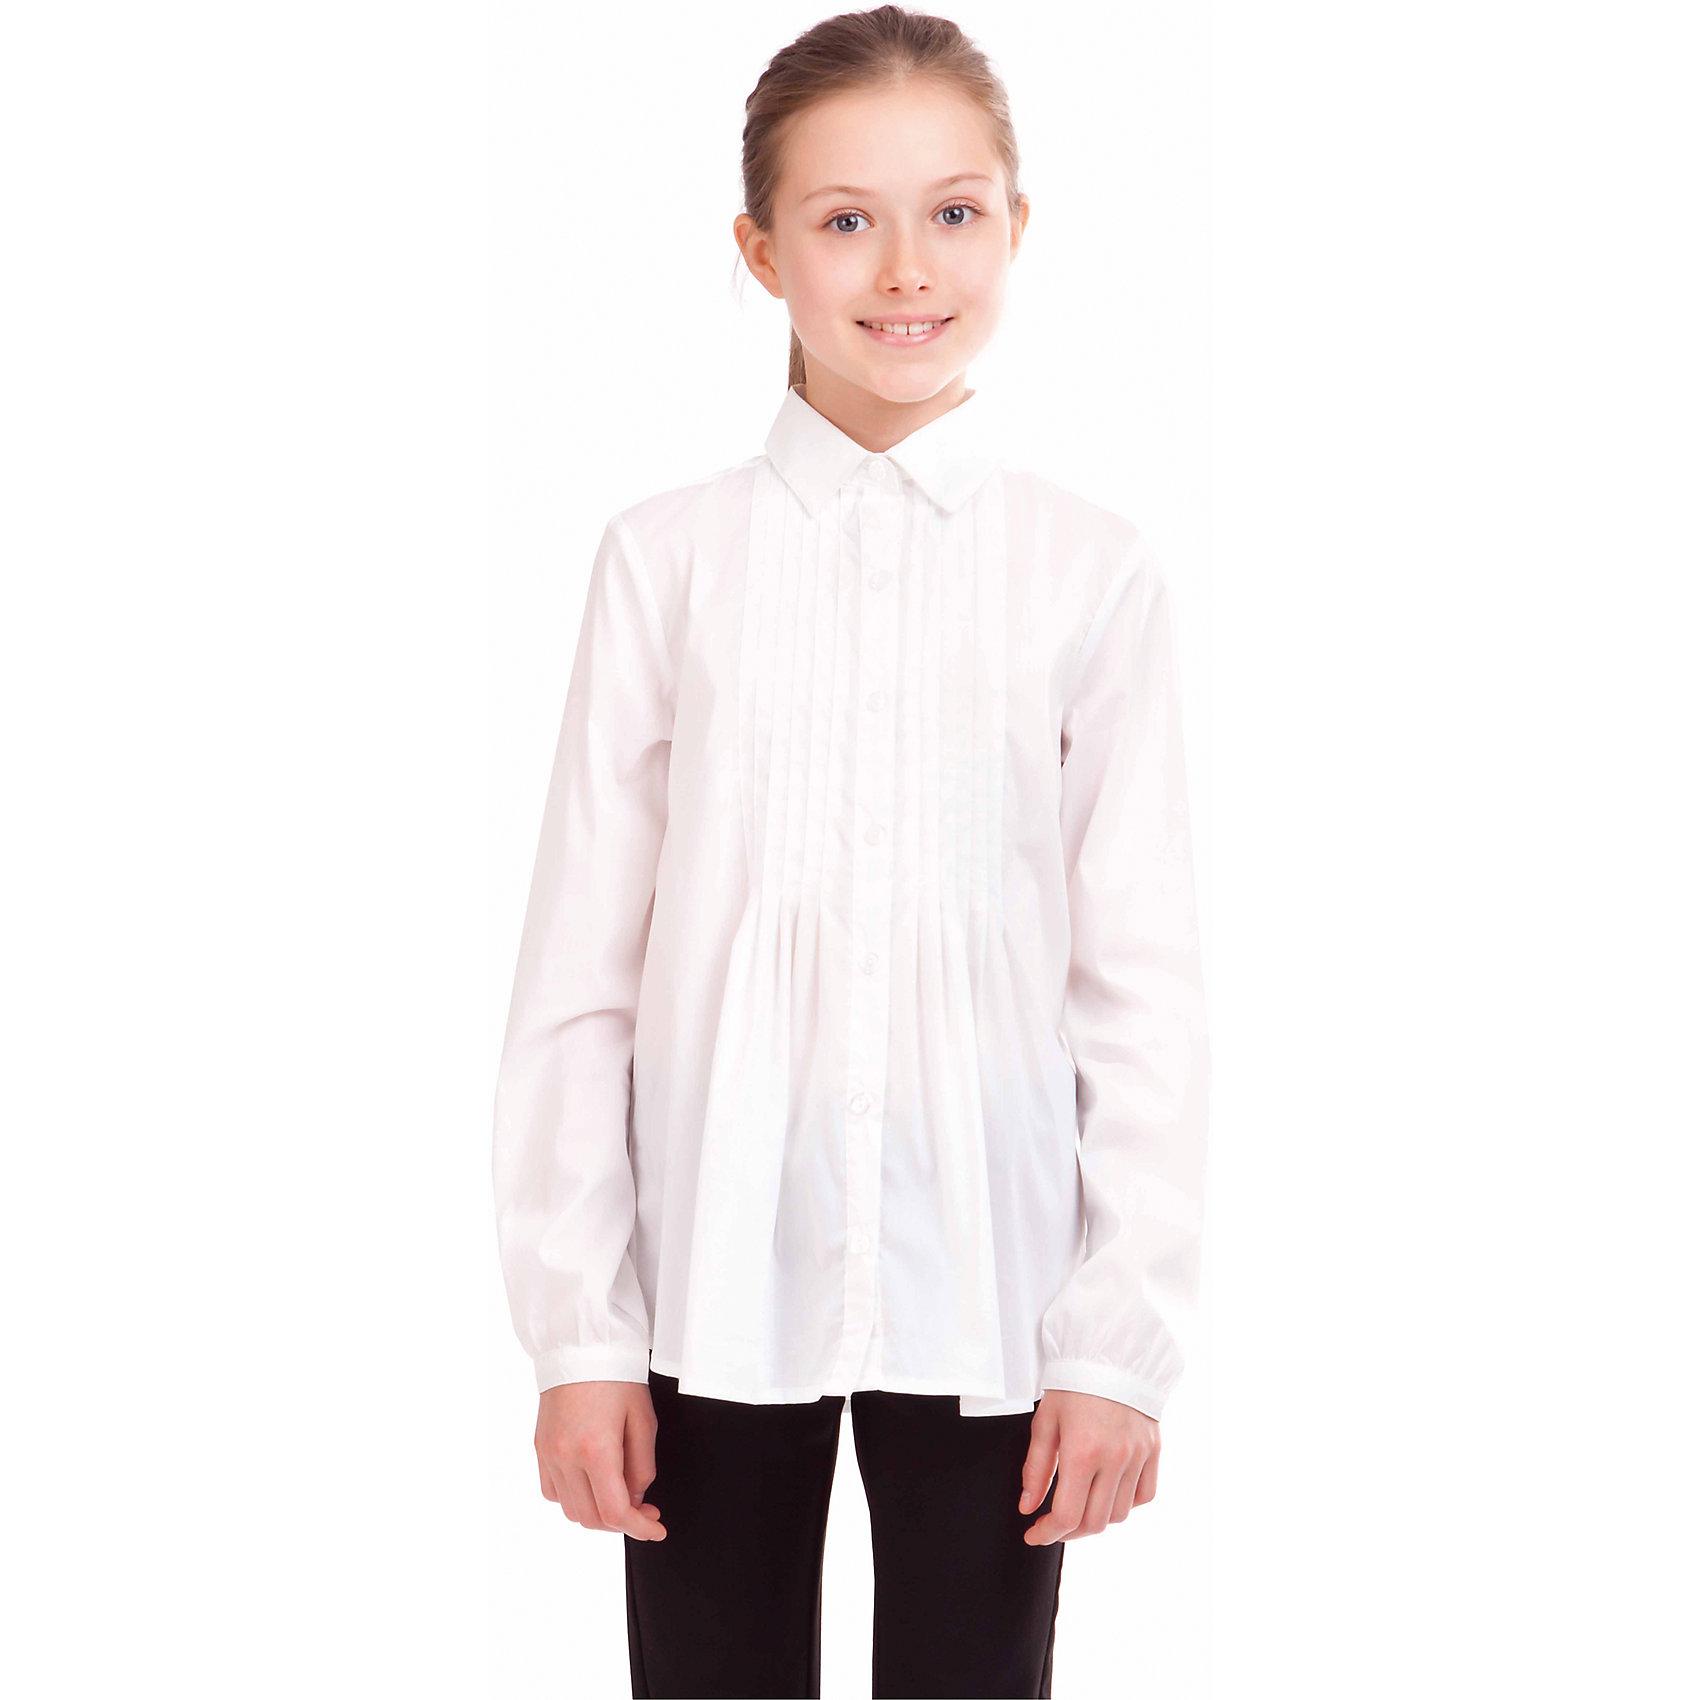 Блузка Gulliver для девочкиБлузки и рубашки<br>Какими должны быть красивые блузки для девочек? Приталенными или прямыми, строгими или с декором, с рисунком или без? Школьные блузки 2017 могут быть разными! В том числе, свободного силуэта, которые можно носить навыпуск. Белая школьная блузка с элегантным декором сделает образ свежим, интересным, необычным и подарит бесконечный комфорт. К тому же, она идеально подходит девочкам с нестандартной фигурой, гарантируя прекрасный внешний вид и уверенность в себе.<br>Состав:<br>63%хлопок, 35%нейлон, 2%эластан<br><br>Ширина мм: 186<br>Глубина мм: 87<br>Высота мм: 198<br>Вес г: 197<br>Цвет: белый<br>Возраст от месяцев: 120<br>Возраст до месяцев: 132<br>Пол: Женский<br>Возраст: Детский<br>Размер: 146,122,128,134,140<br>SKU: 7029957